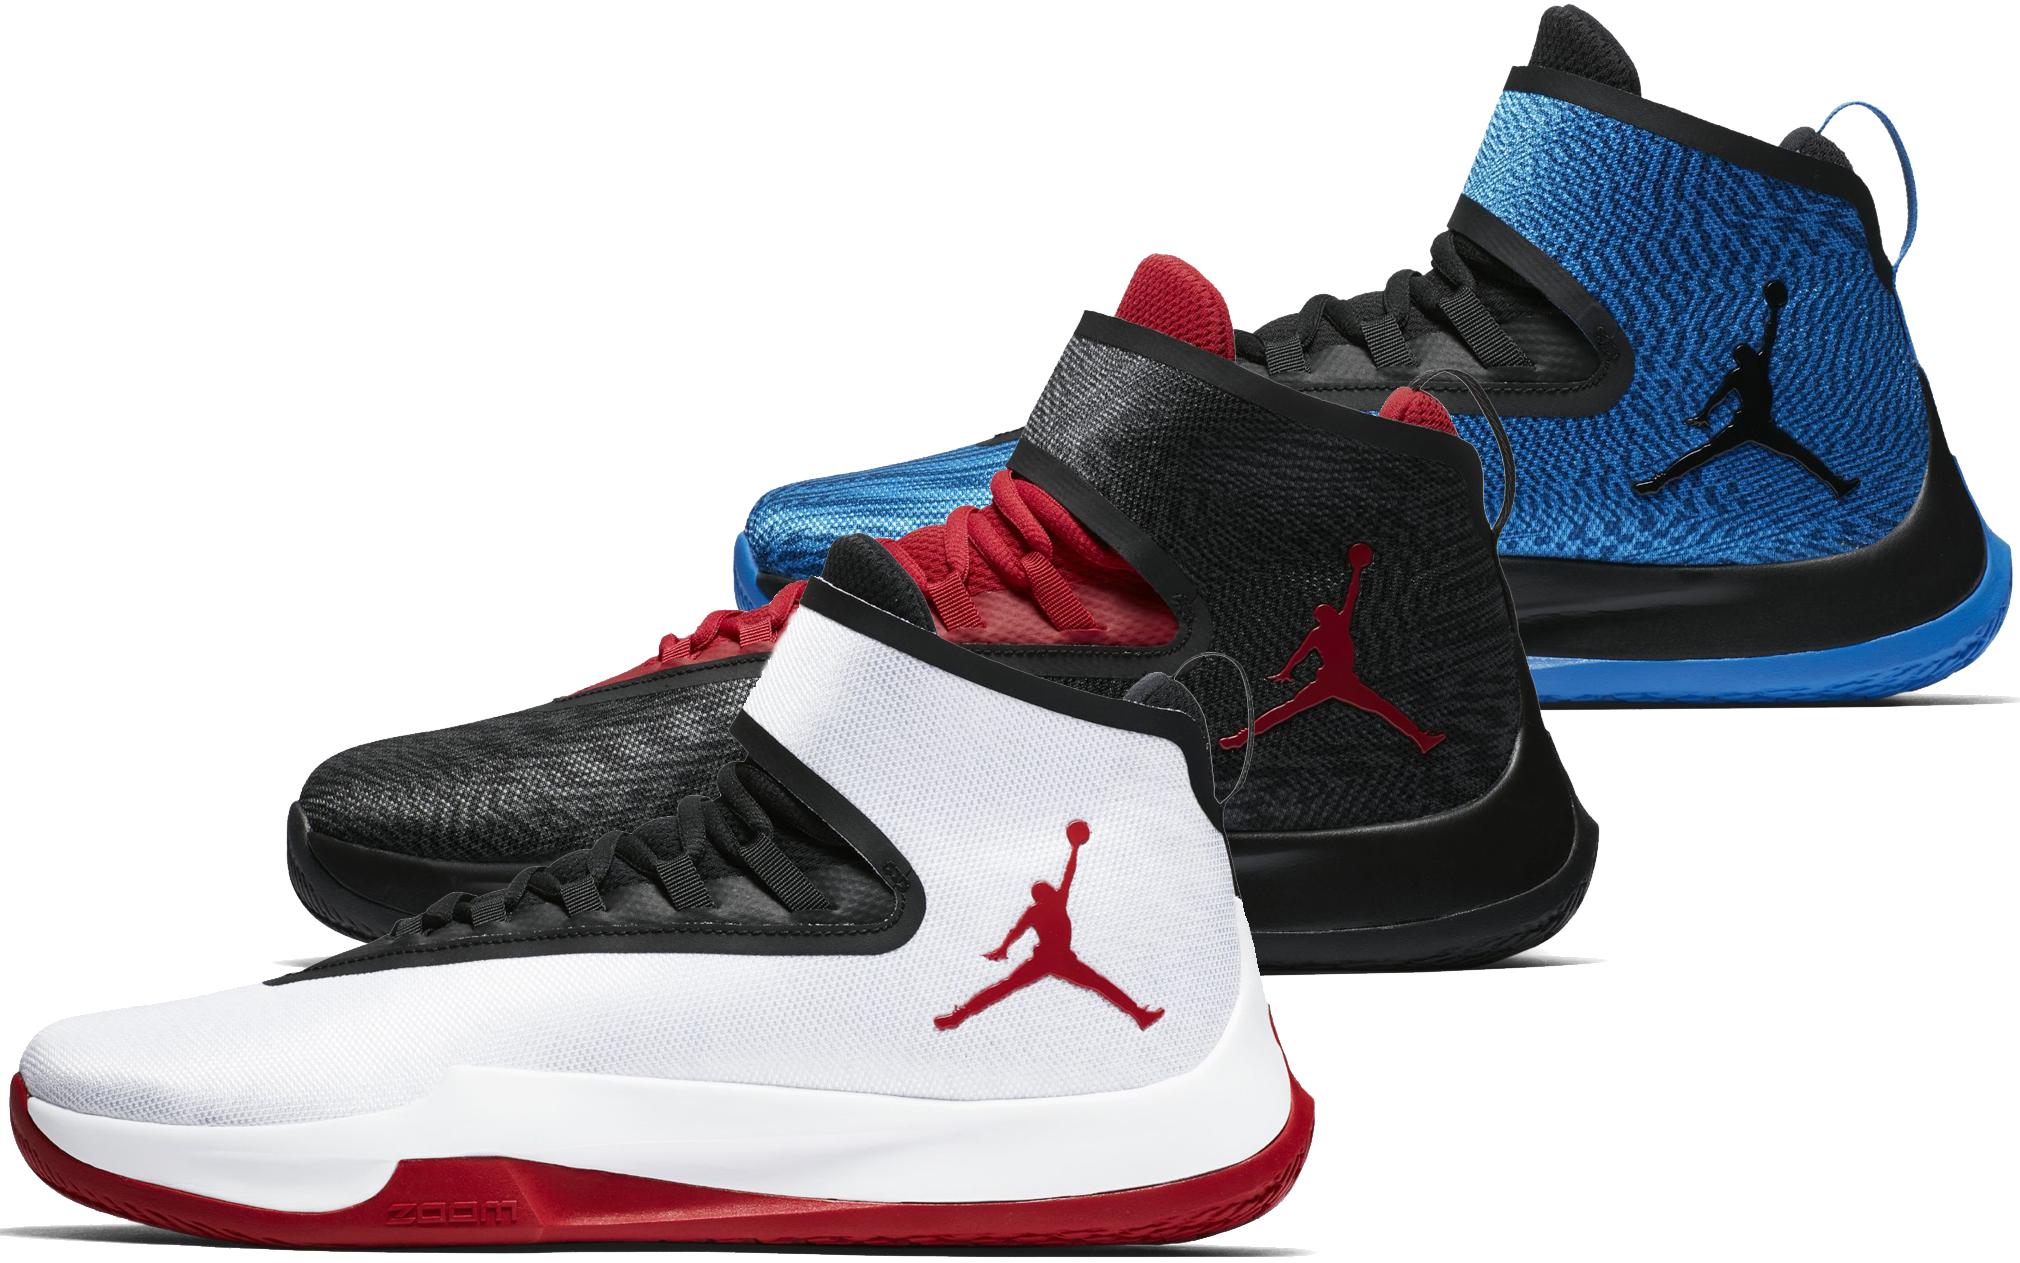 Jordan shoes list pictures Michael Jordan's World